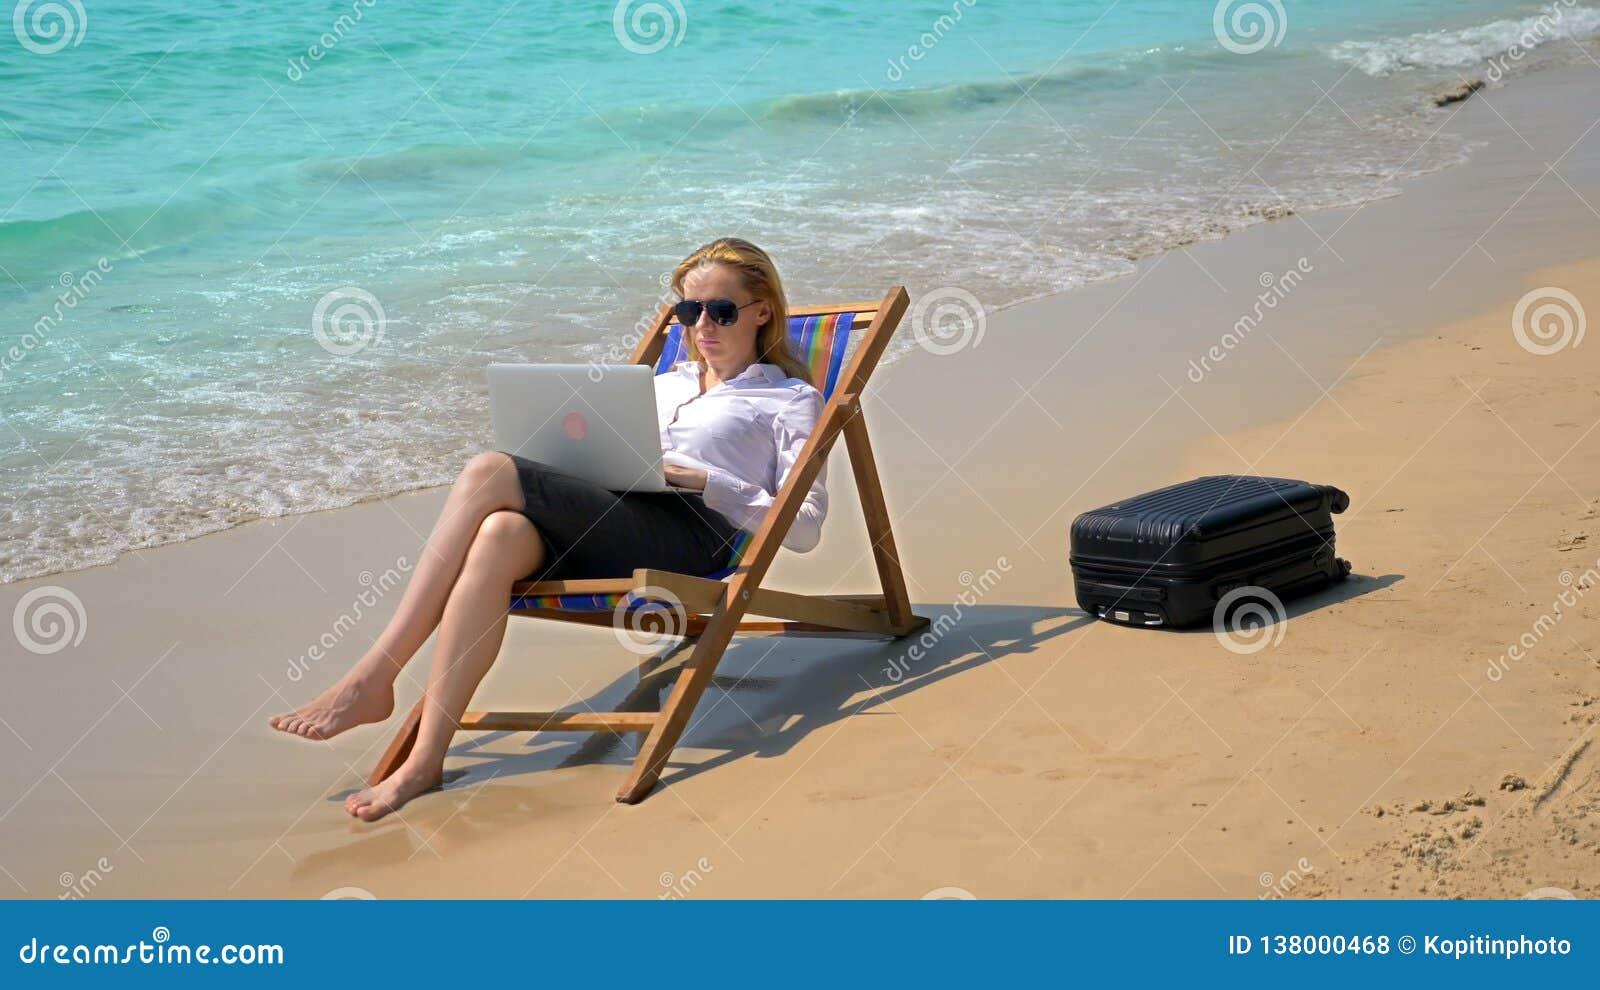 Mulher de negócios que trabalha em um portátil ao sentar-se em um vadio pelo mar em um Sandy Beach branco autônomo ou workaholism